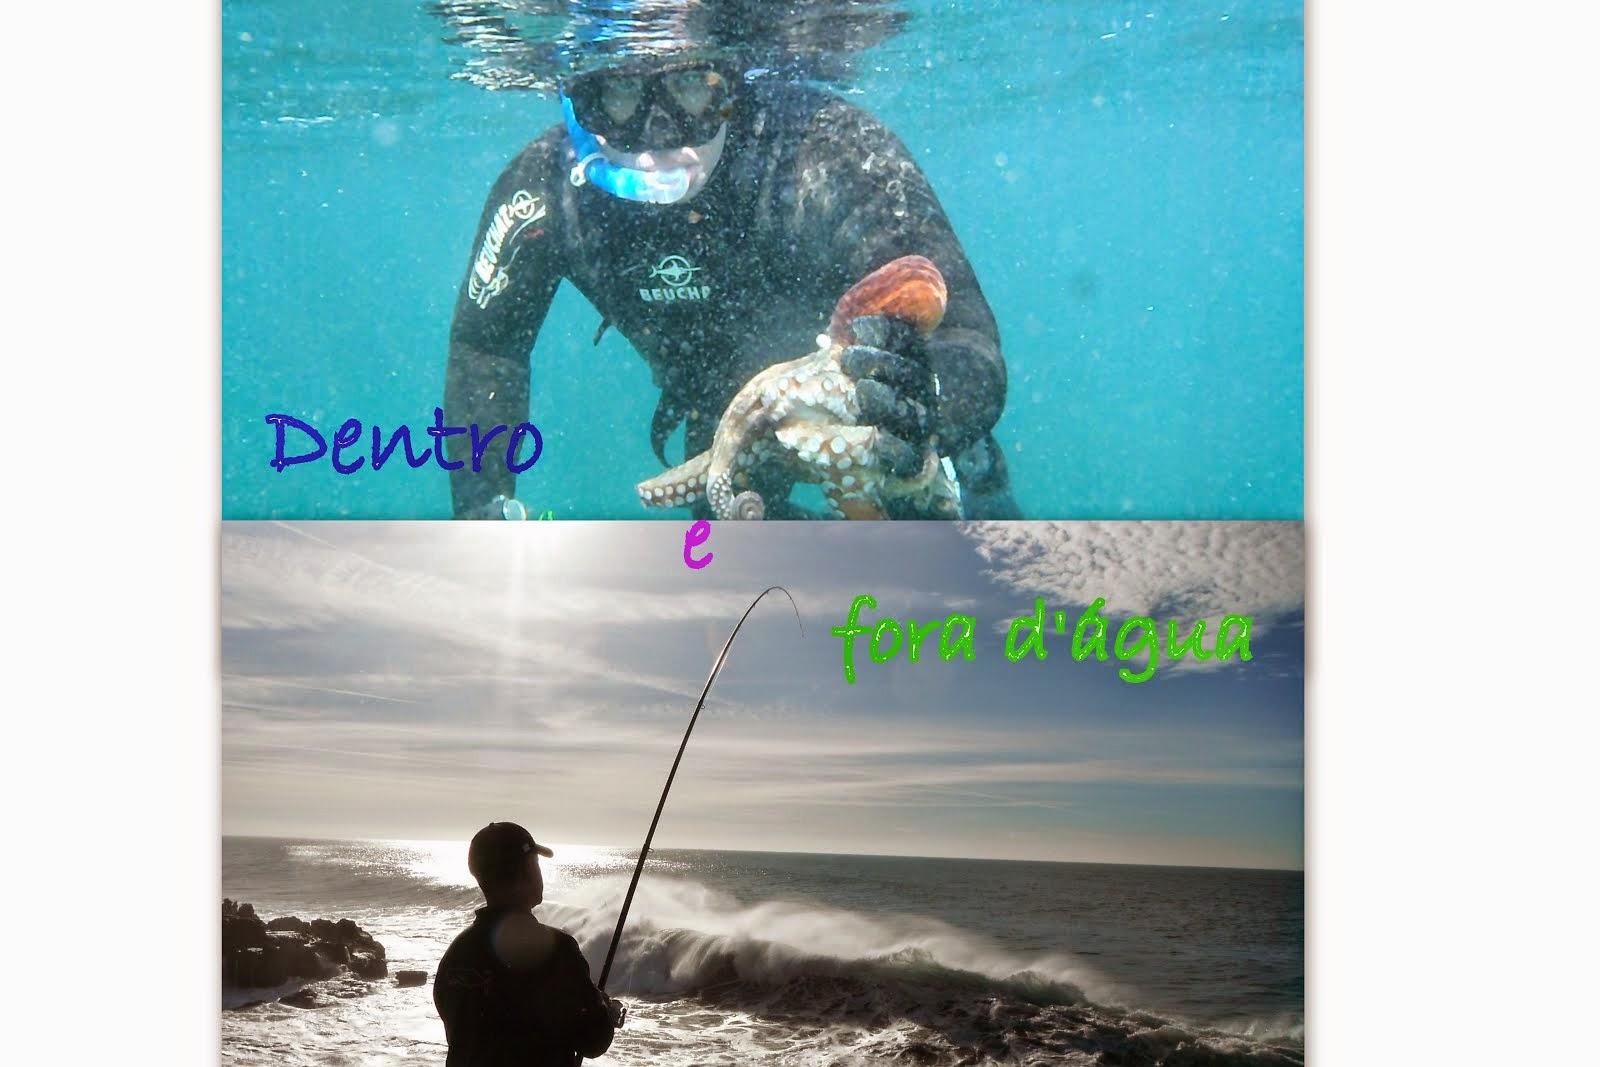 Dentro e fora d'água